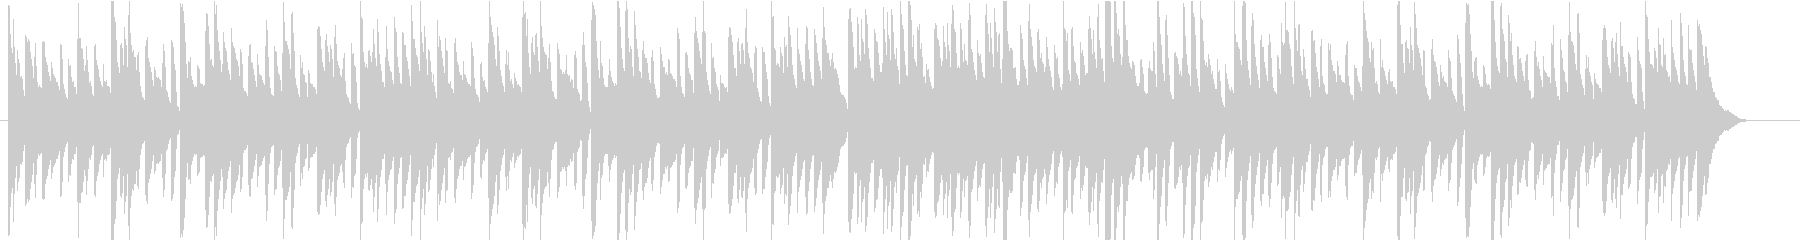 ピアノのみのクラシカルなワルツの未再生の波形